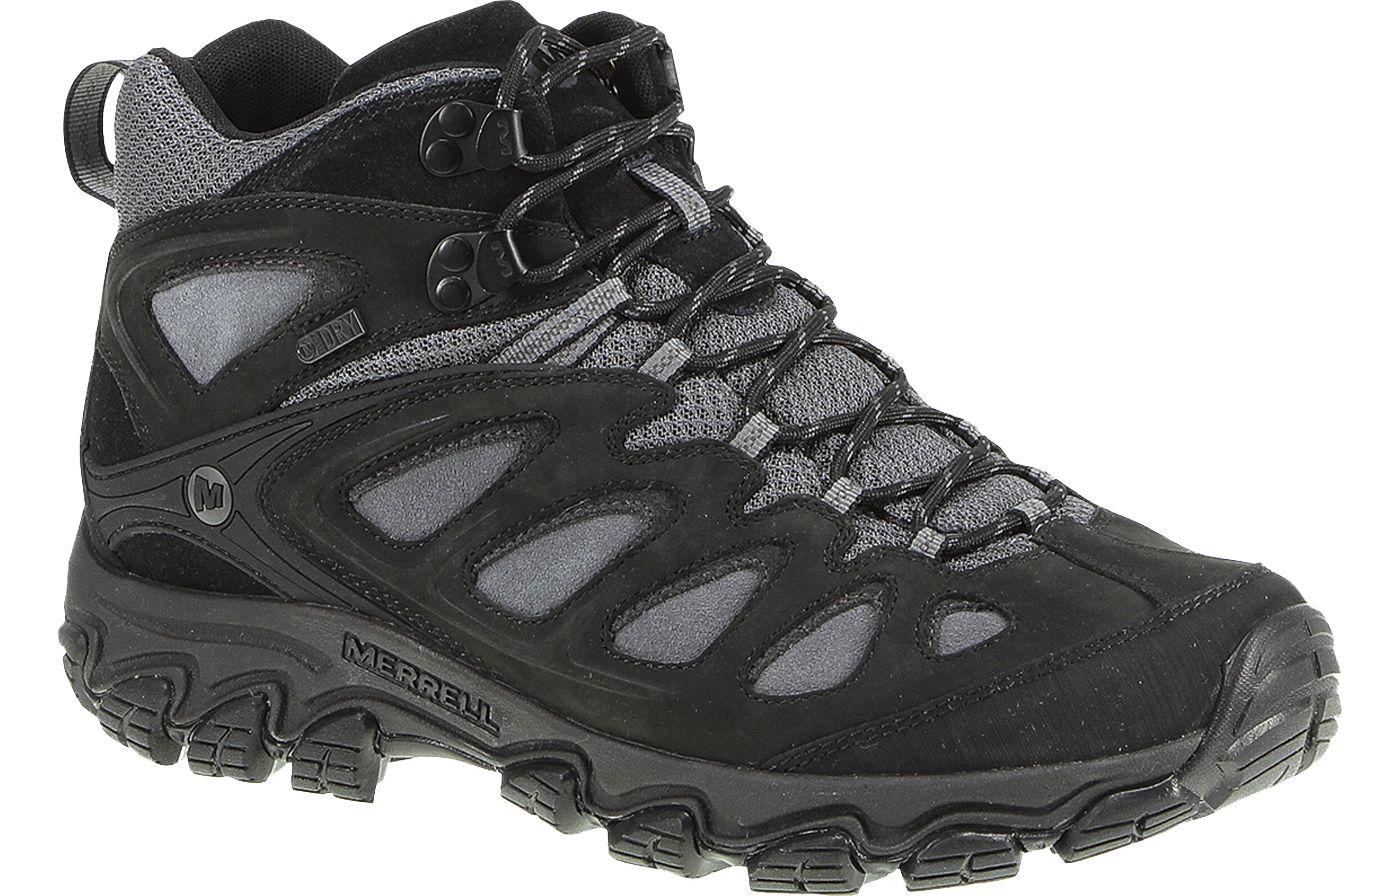 Merrell Men's Pulsate Waterproof Mid Hiking Boots